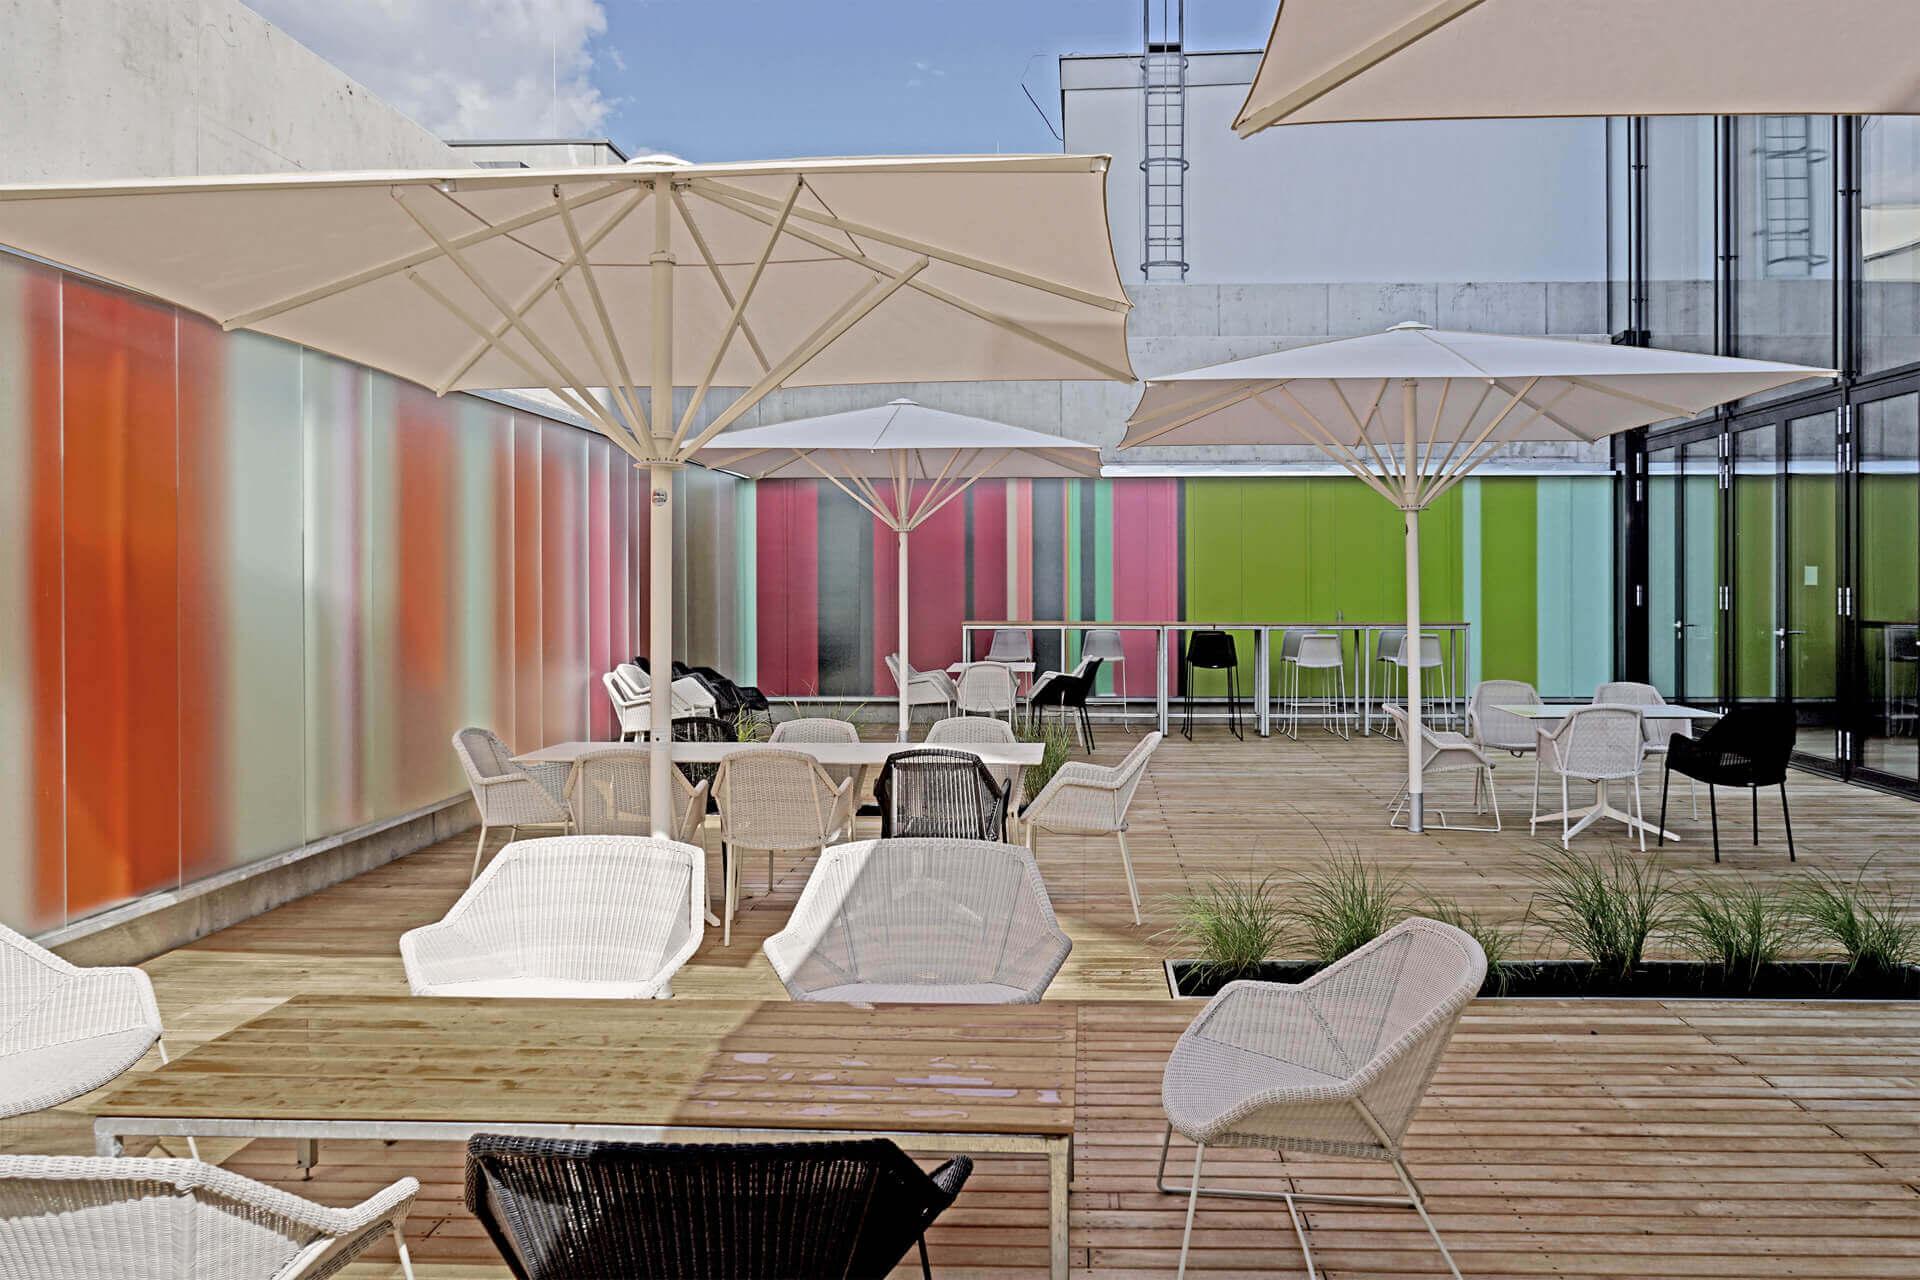 Croma_Headquarter_Architekturprojekt_farbgestaltung_ingo_nussbaumer_querkraft_Aussenansicht